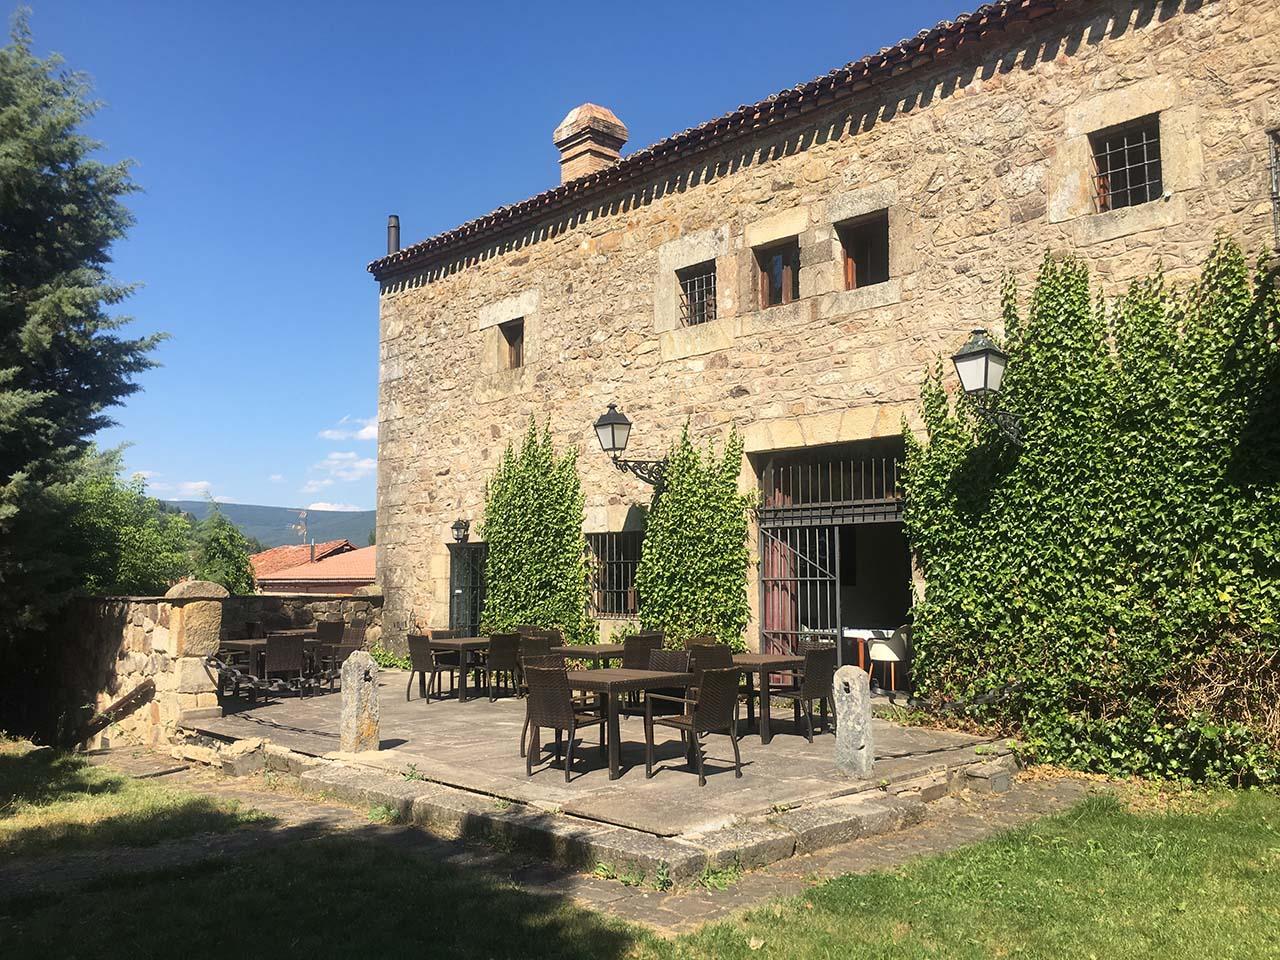 Real Posada de La Mesta, hotel con encanto en Molinos de Duero, Soria.